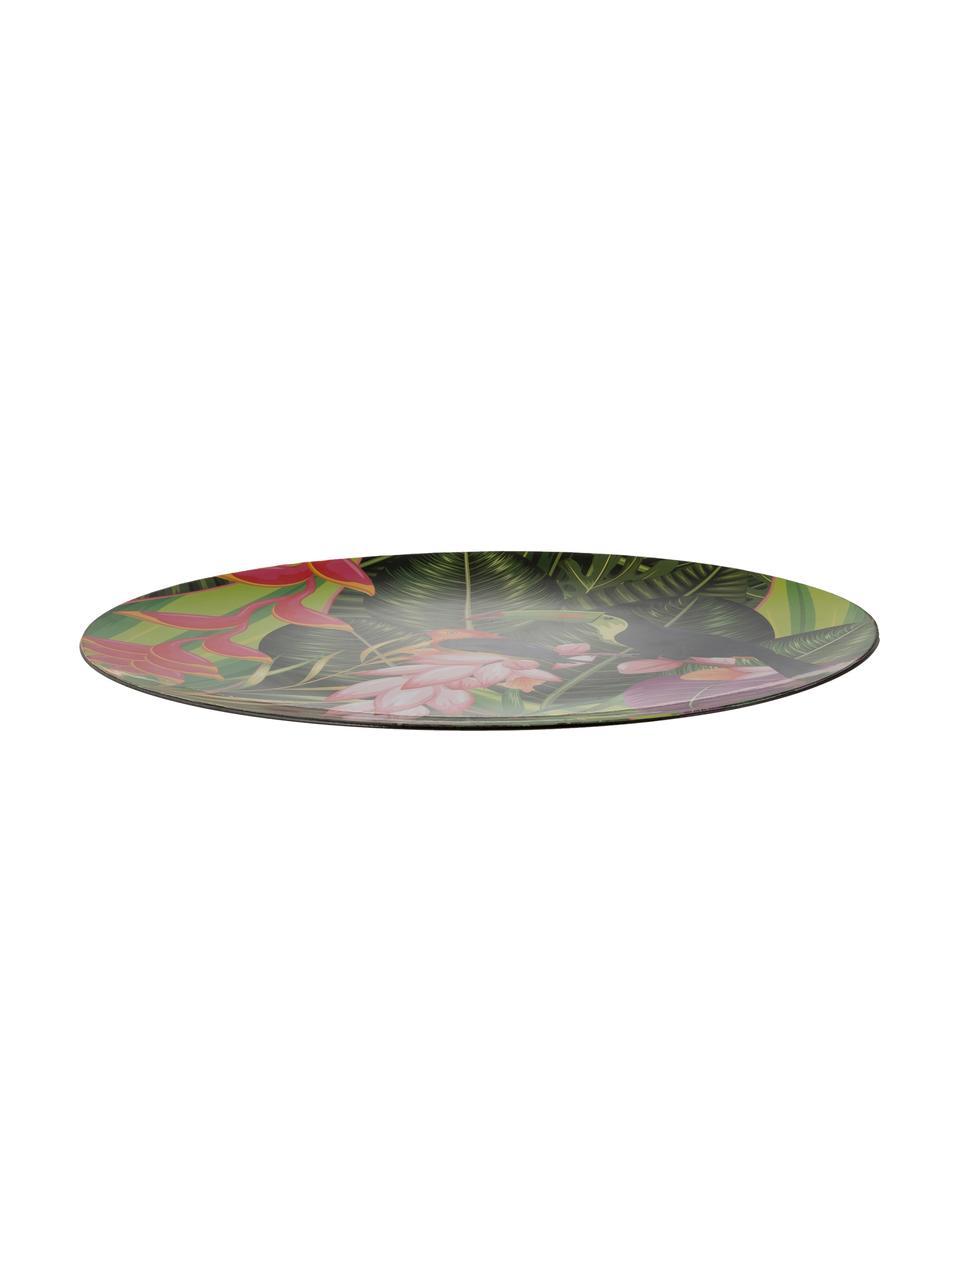 Piatti piani Tropical Bird, 2 pz., Polipropilene, con carta rivestito, Verde, rosa, lilla, arancione, nero, Ø 33 cm